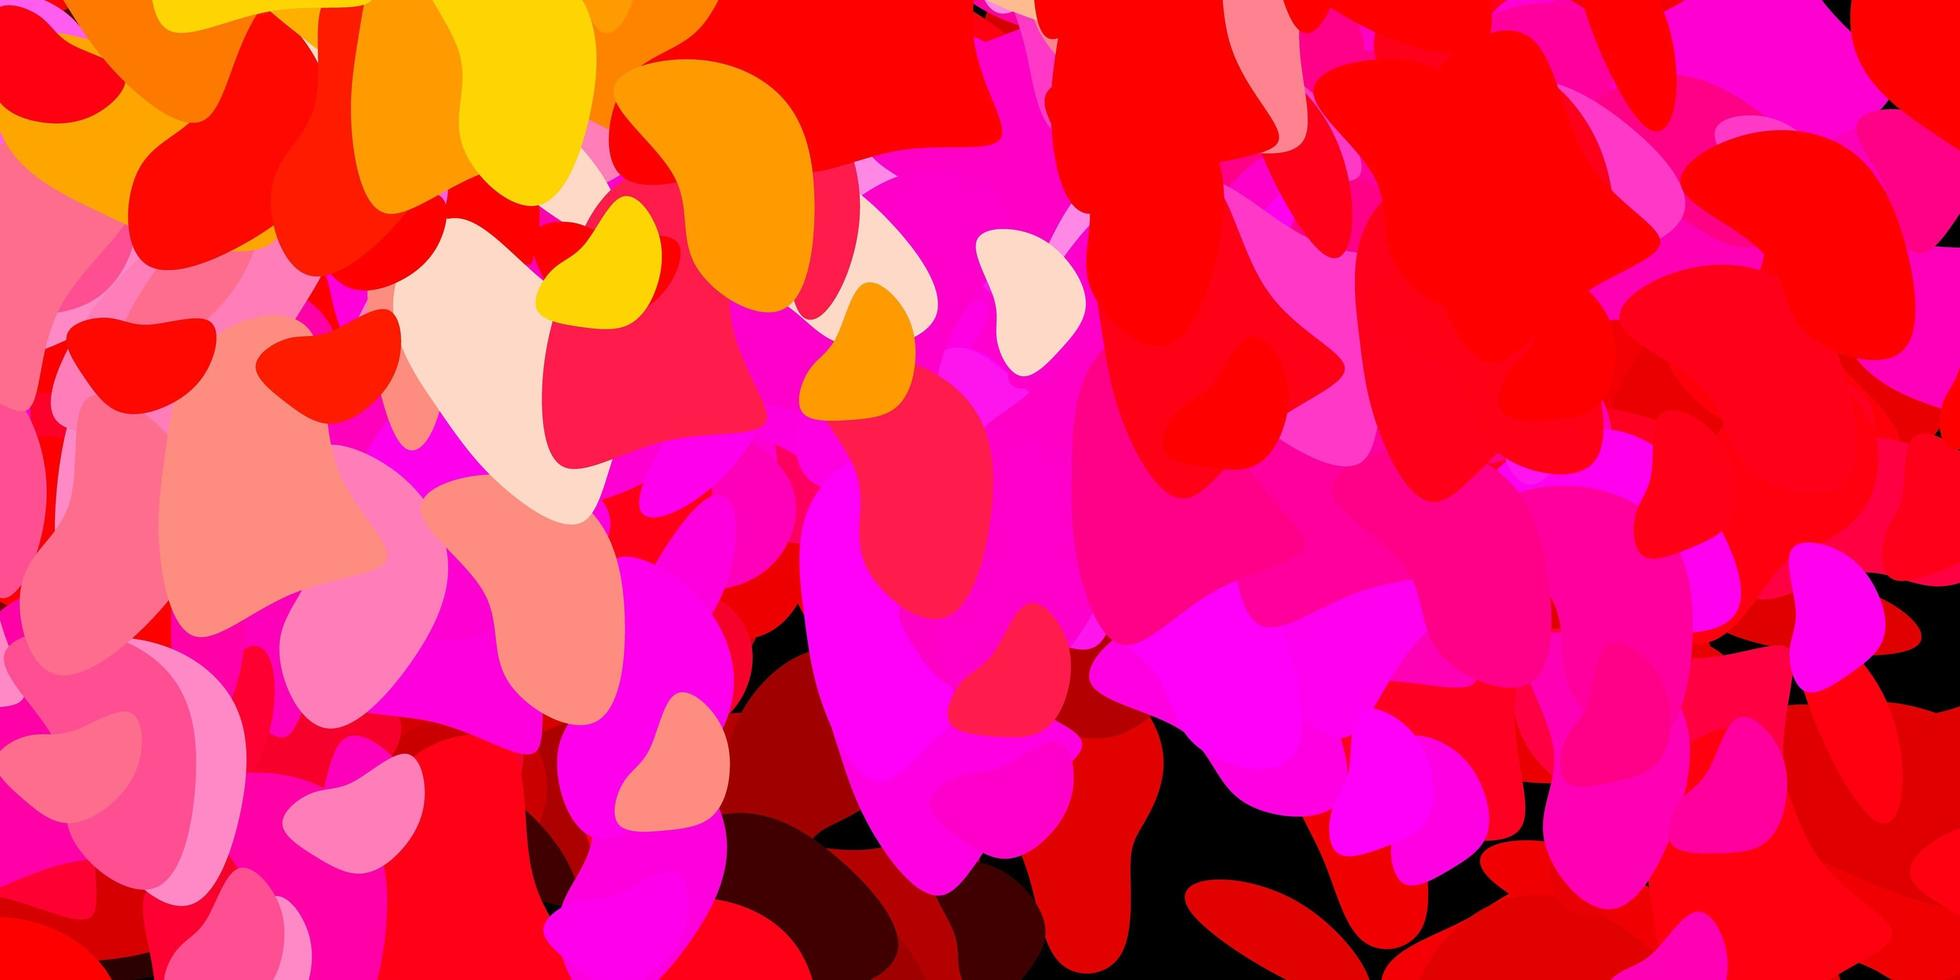 lichtroze, geel vectorpatroon met abstracte vormen. vector